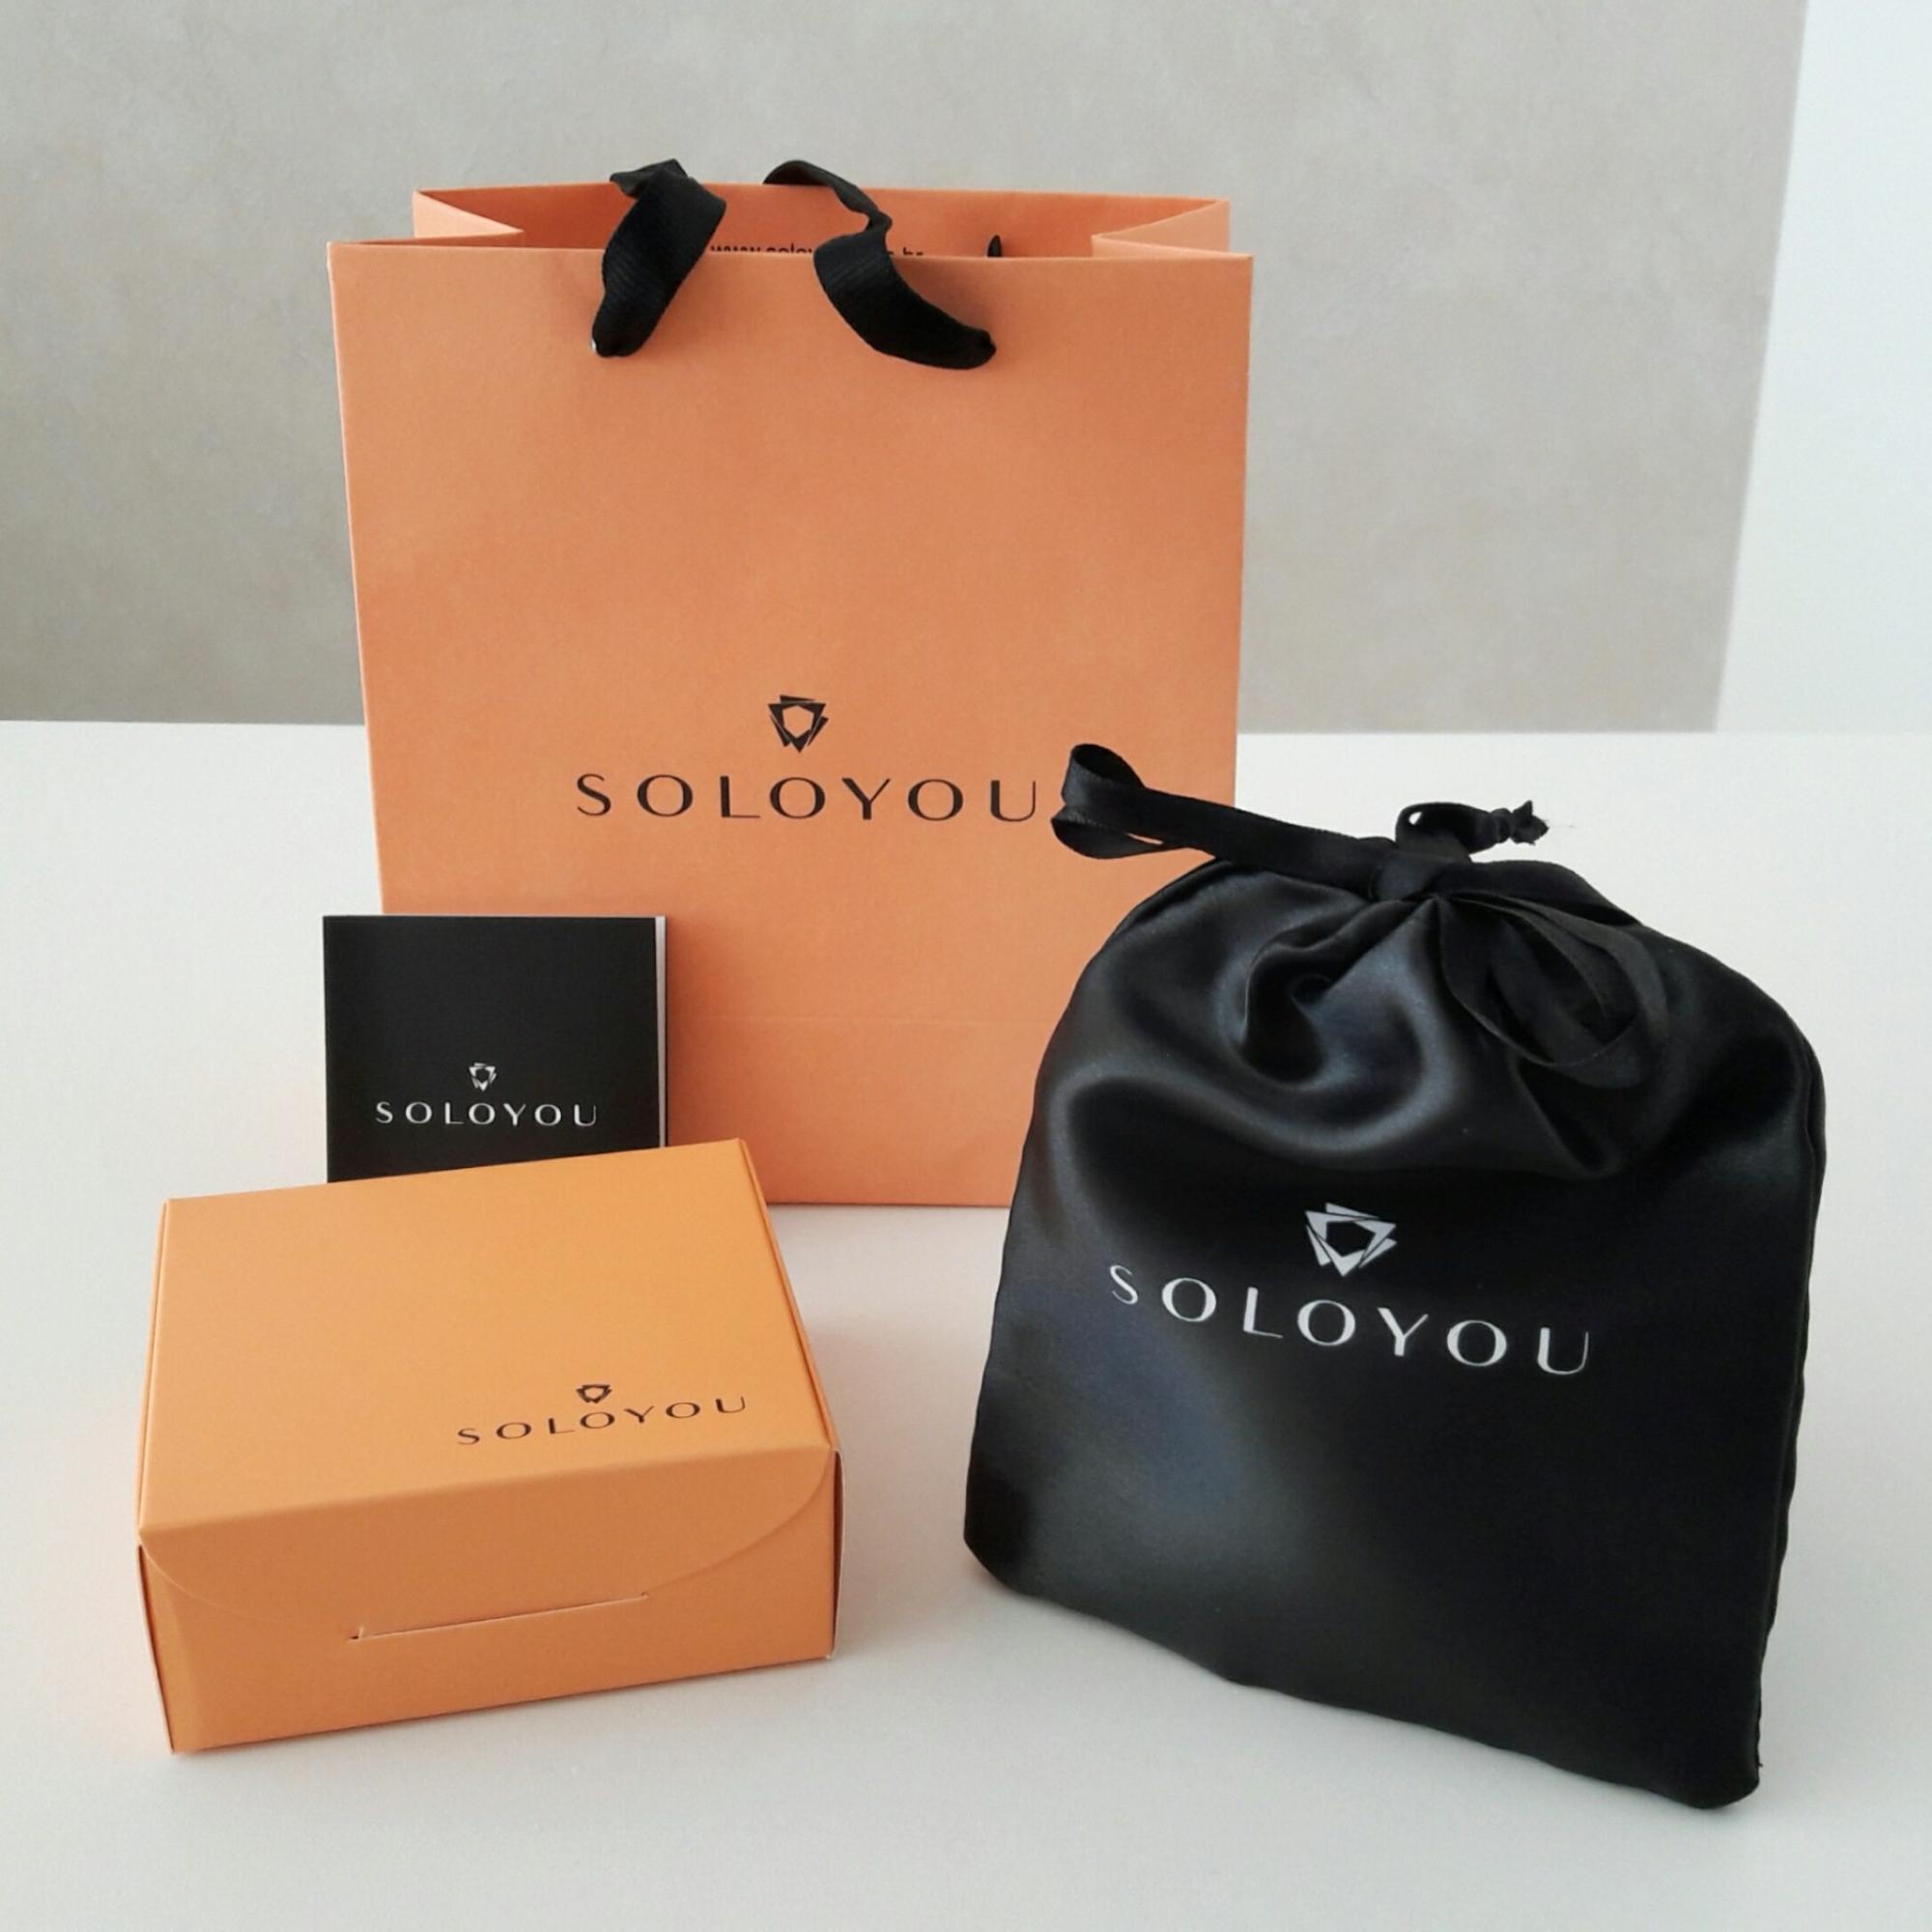 Caixa de Presente Soloyou Tamanho P - para Revendedoras  - Soloyou